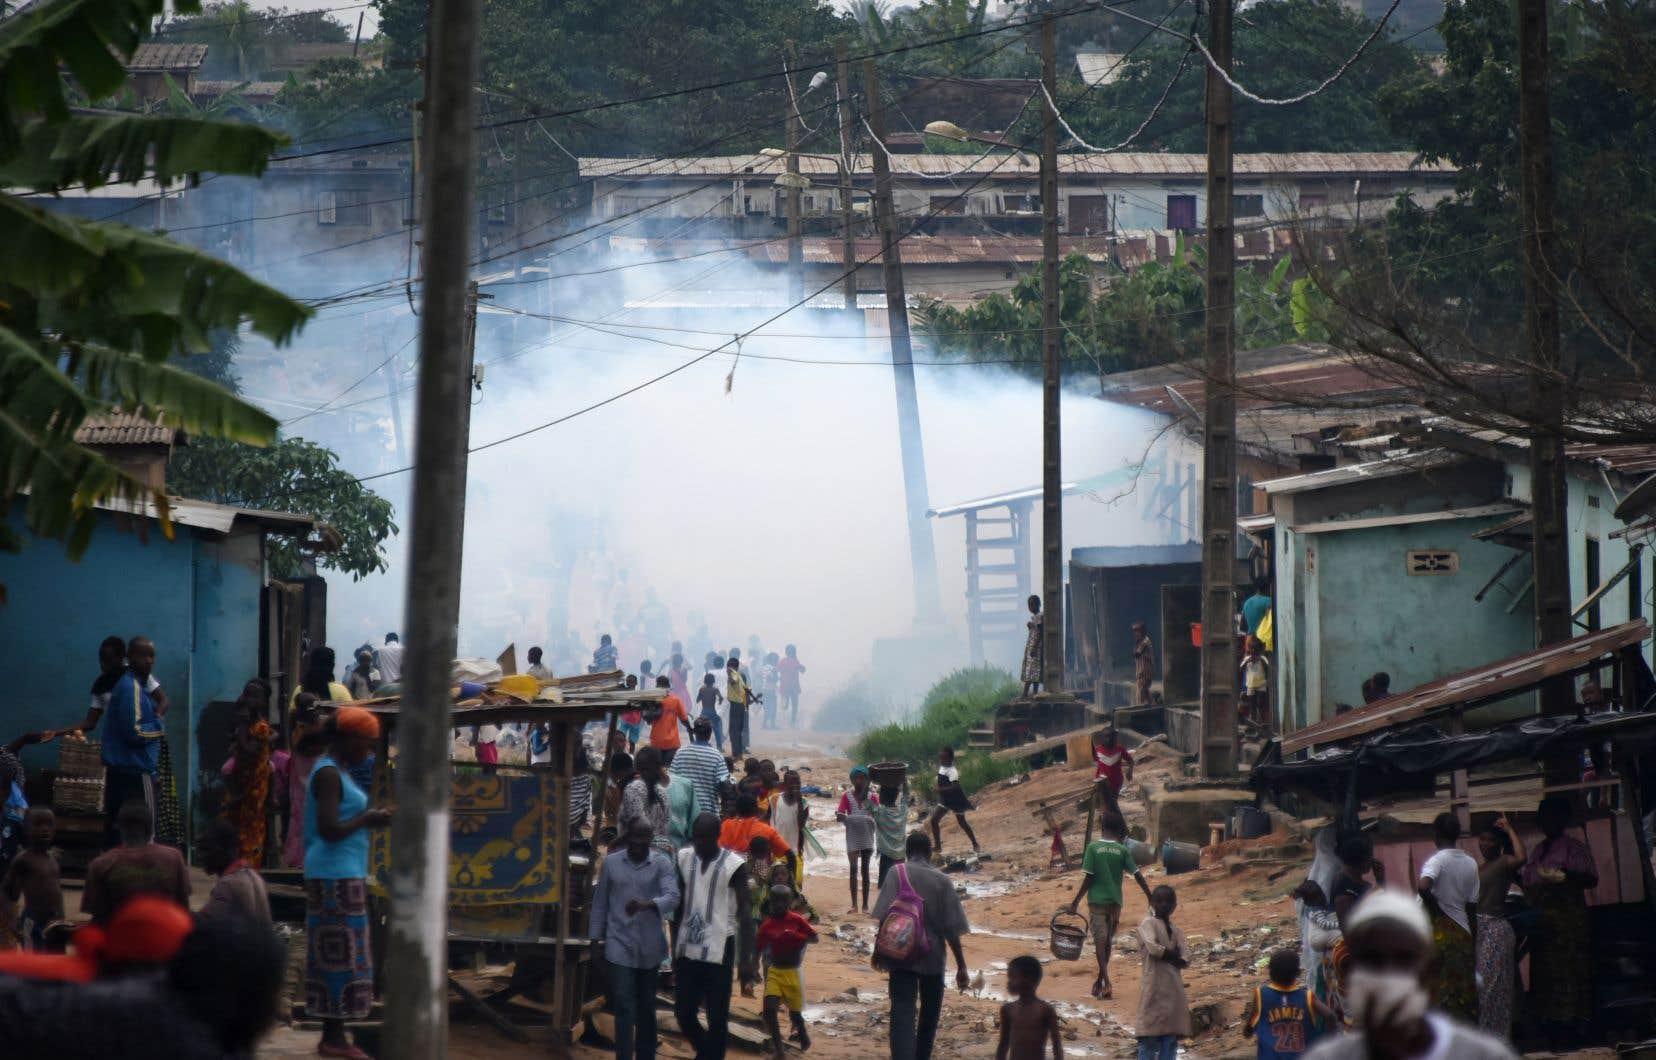 Bien que la Côte d'Ivoire ait des frontières communes avec la Guinée et le Libéria, qui ont été durement frappés par Ebola entre 2014 et 2016, ce «pays n'a enregistré aucun cas confirmé de la maladie à virus Ebola depuis 1994».